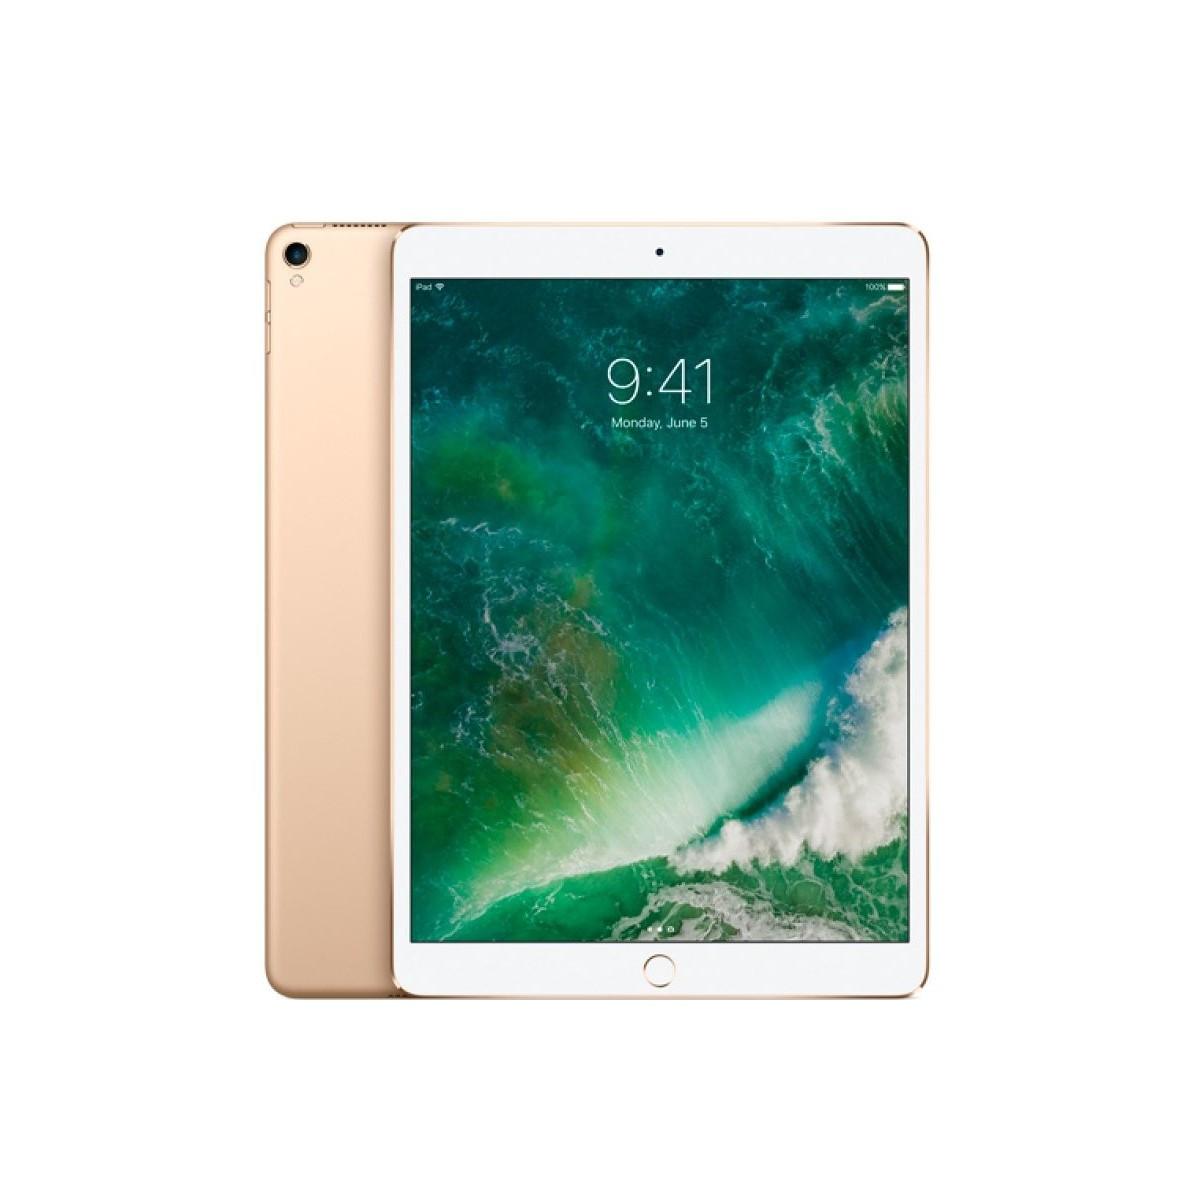 Apple iPad Pro 10.5 Wi-Fi 512GB Gold (MPGK2) 2017